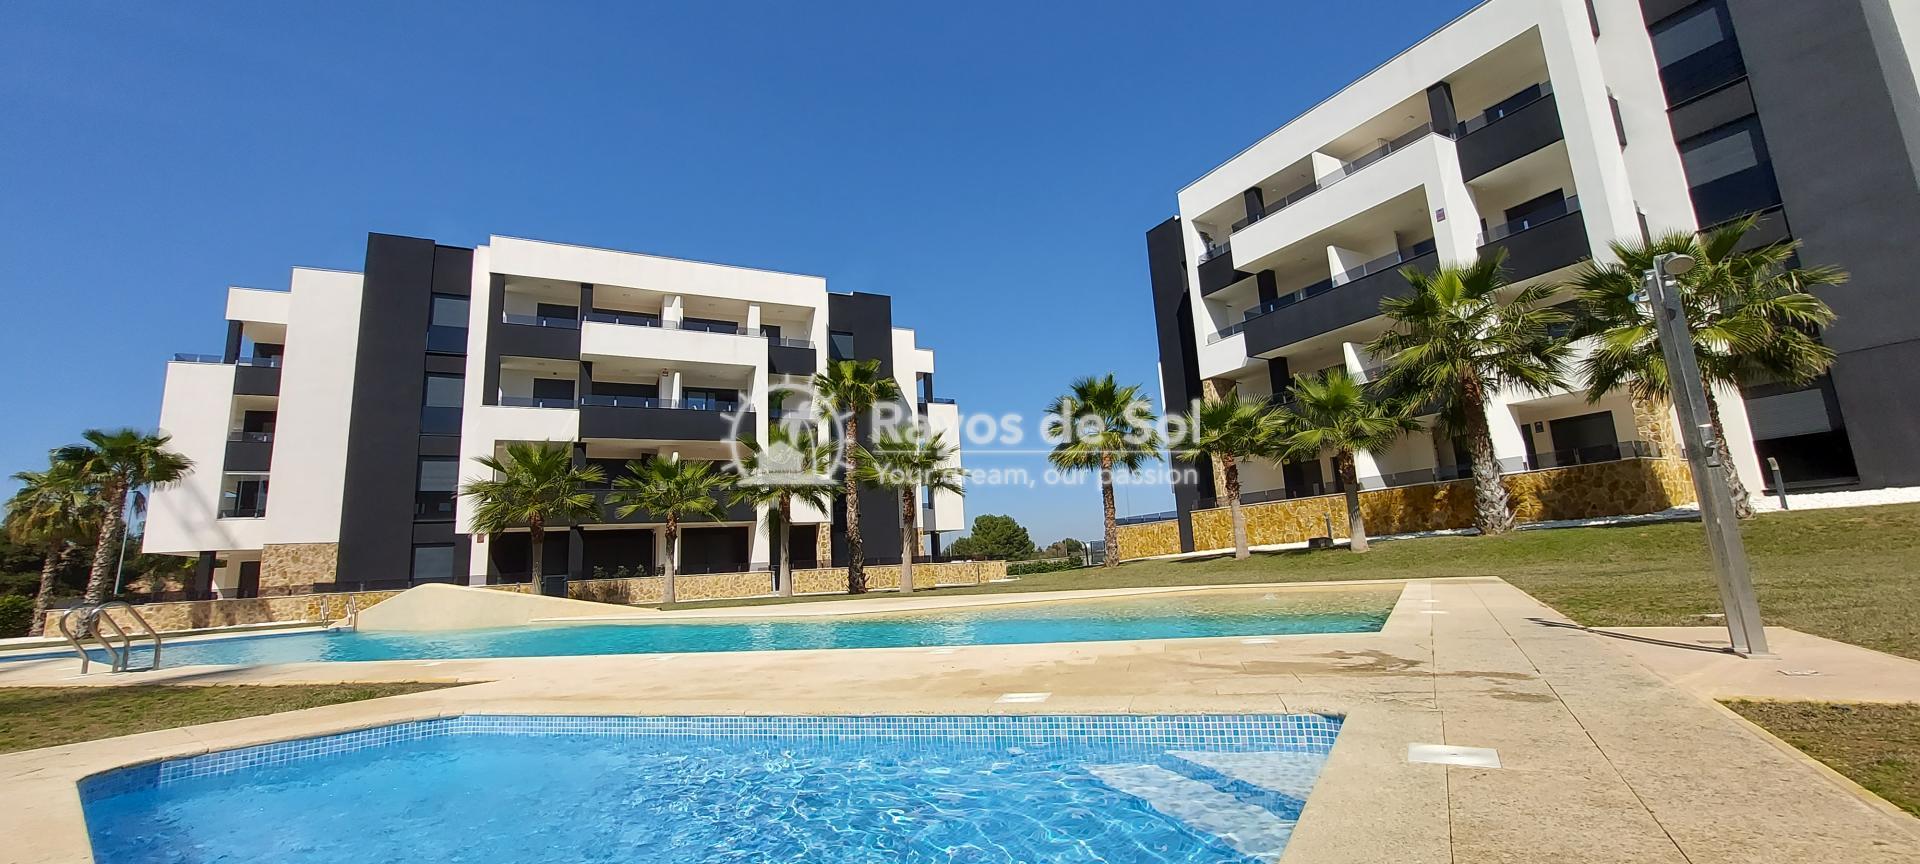 Apartment  in Orihuela Costa, Costa Blanca (amanecer6-2d) - 2